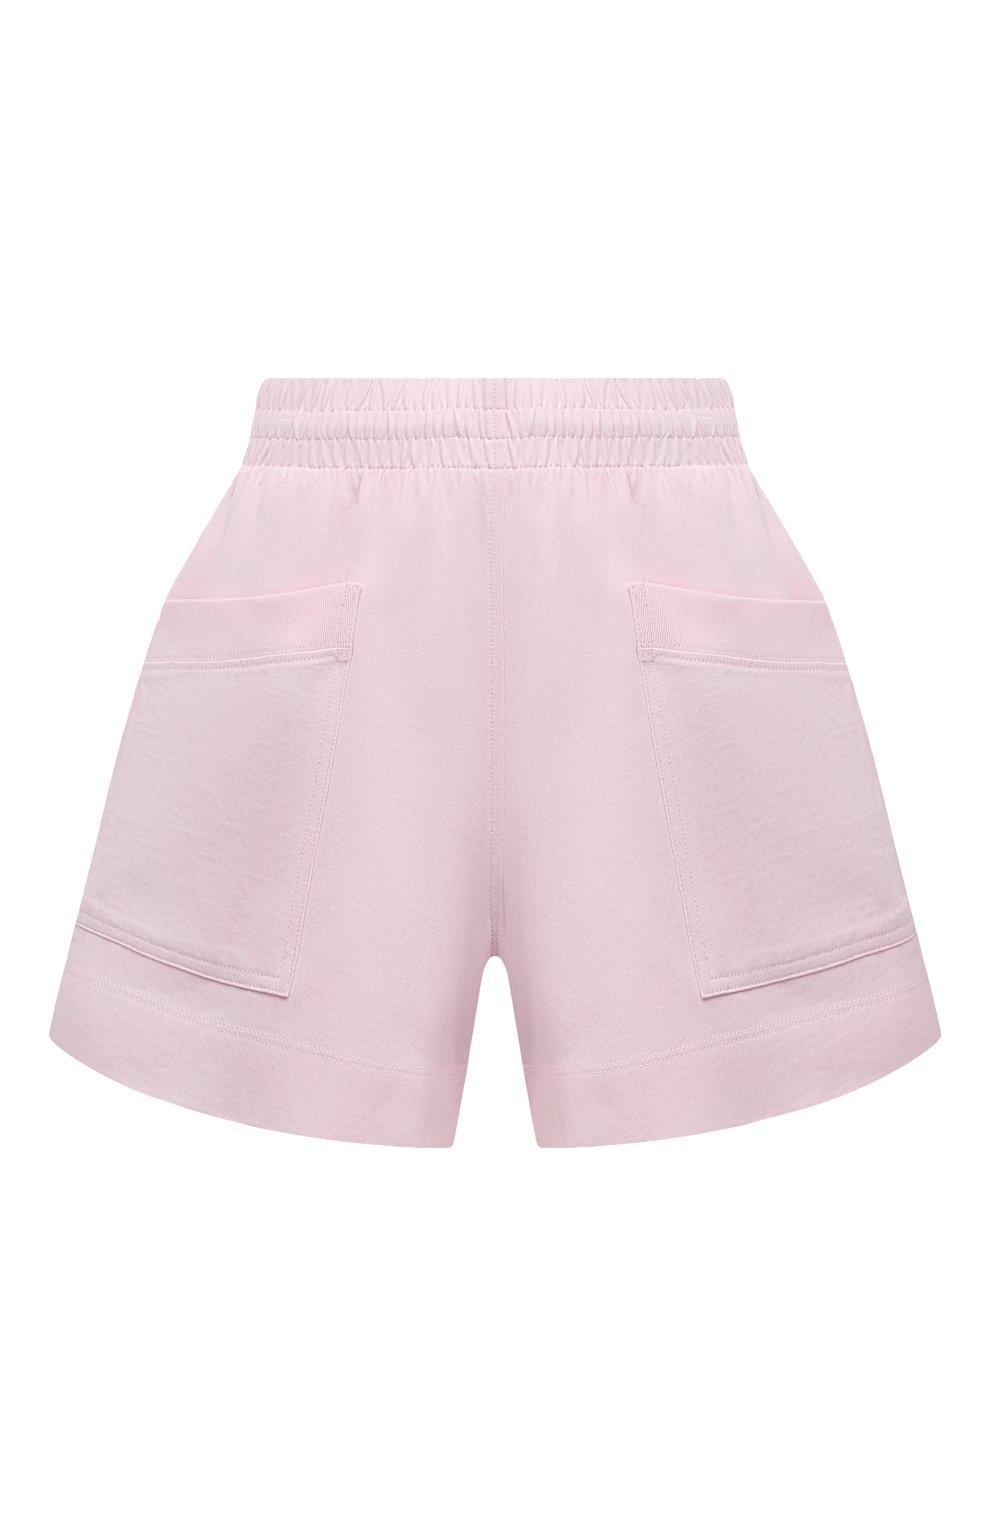 Женские хлопковые шорты DRIES VAN NOTEN светло-розового цвета, арт. 211-11120-2603 | Фото 1 (Женское Кросс-КТ: Шорты-одежда; Длина Ж (юбки, платья, шорты): Мини; Материал внешний: Хлопок; Стили: Спорт-шик; Материал подклада: Хлопок)